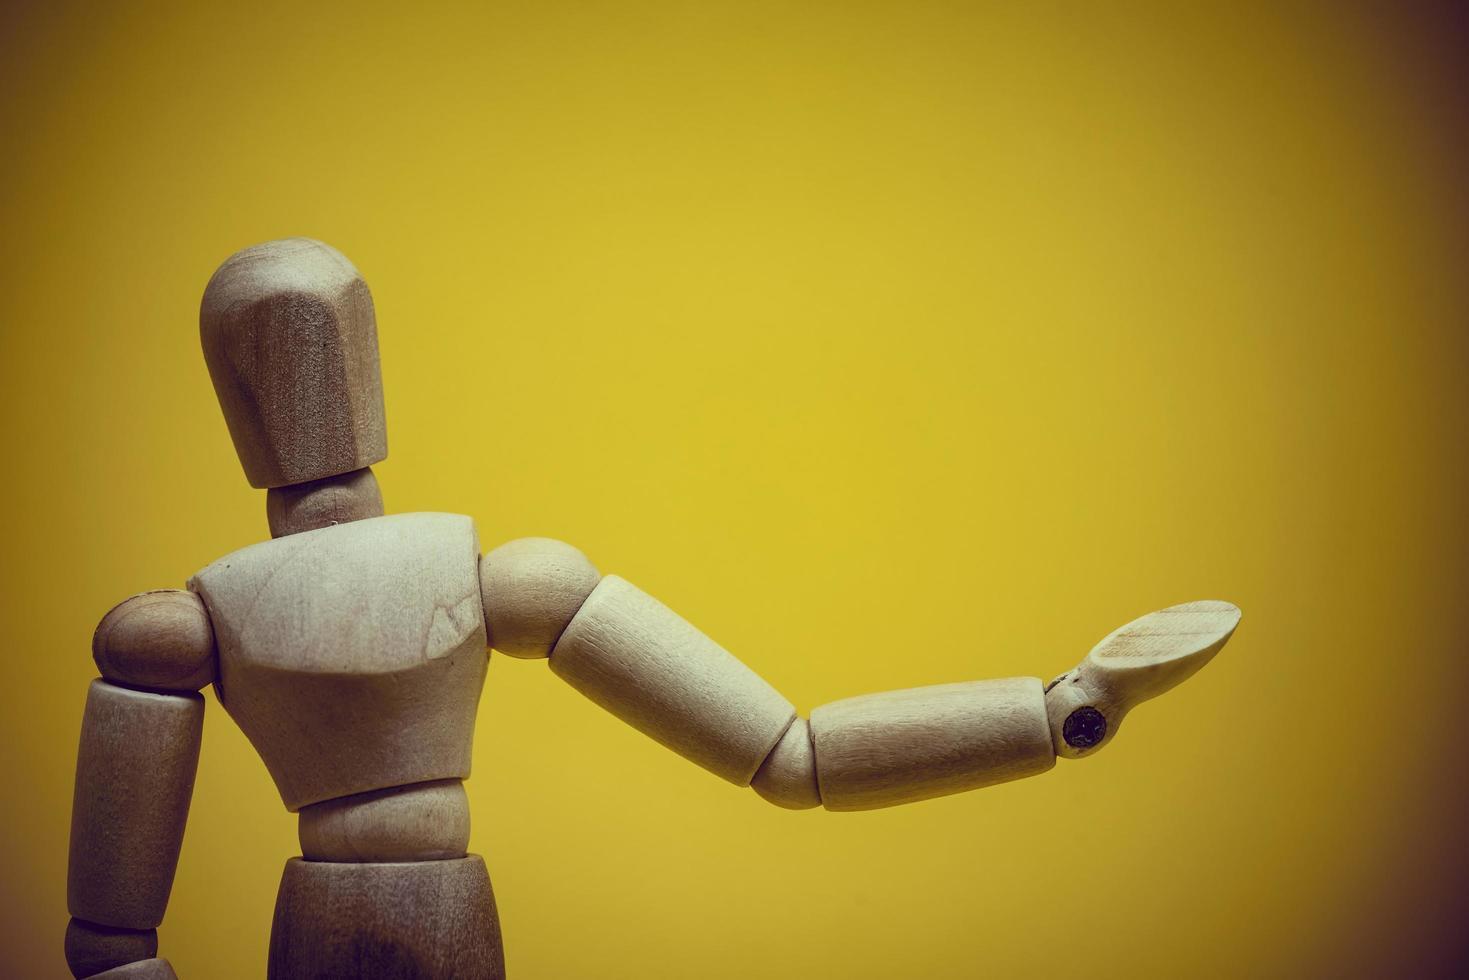 mannequin en bois présentant un objet invisible photo